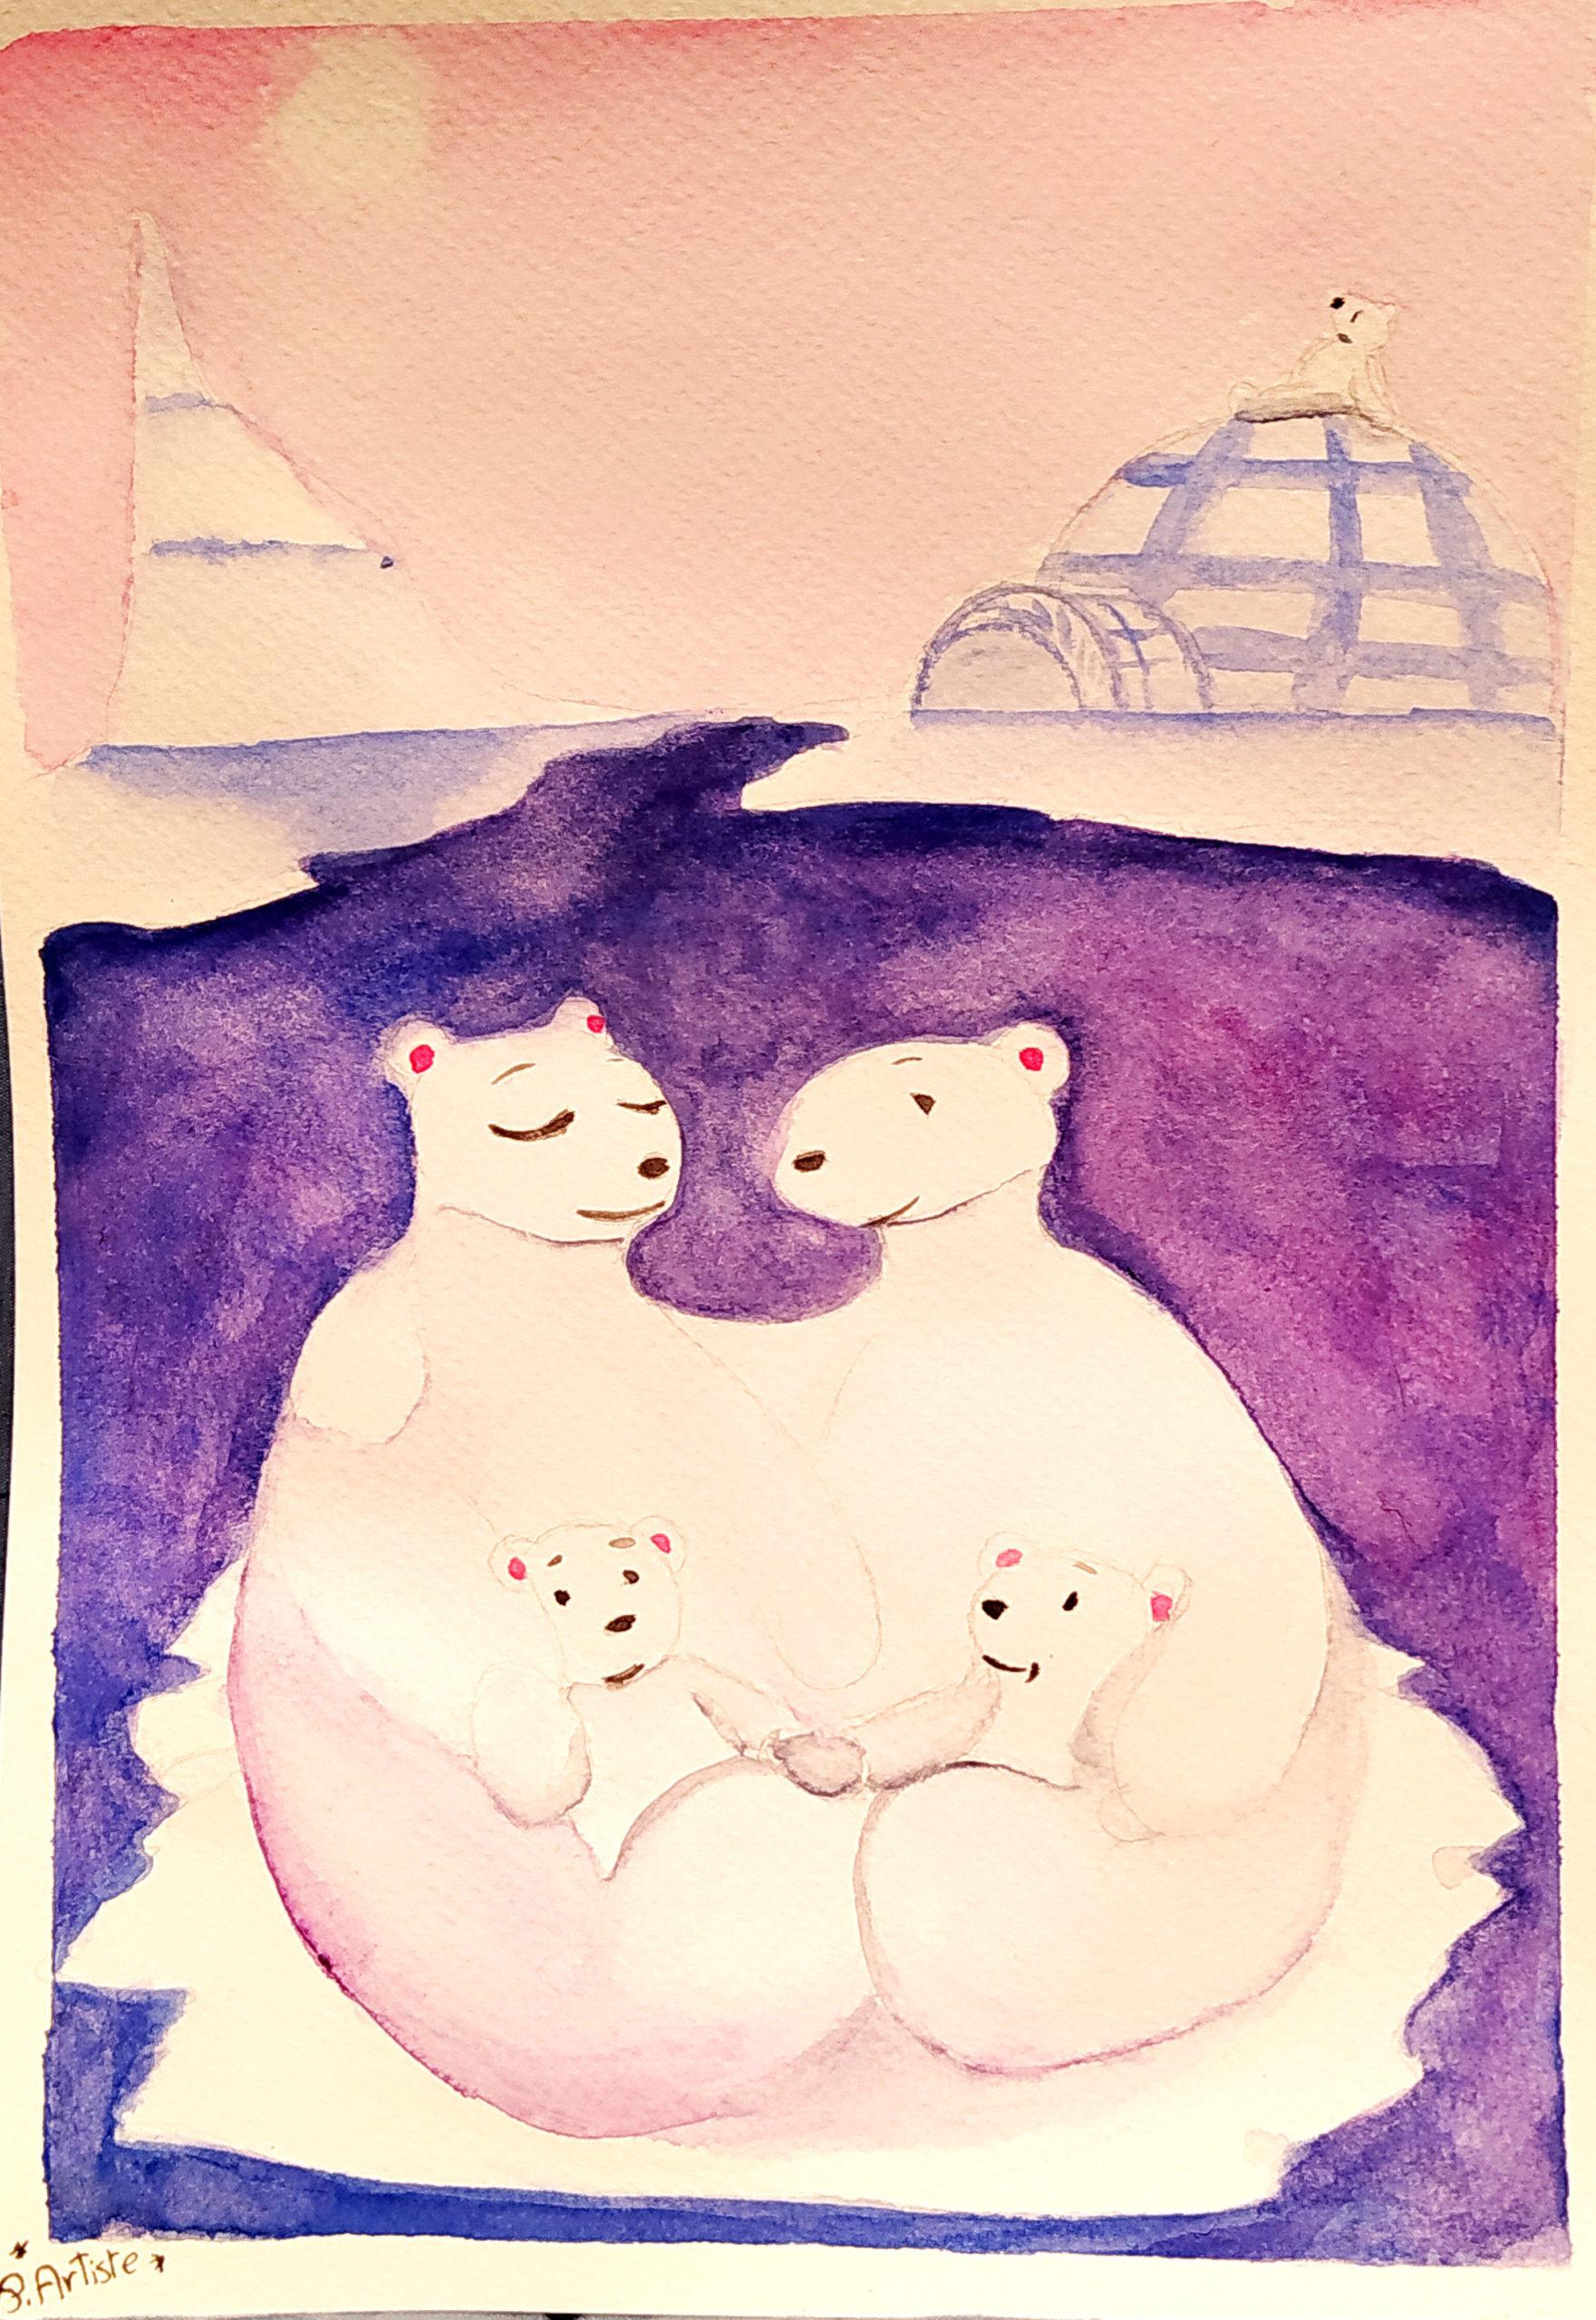 Pour changer de la tristesse de voir des ours blancs isolés sur un bout de glace, voici une famille réunie et proche du bord.